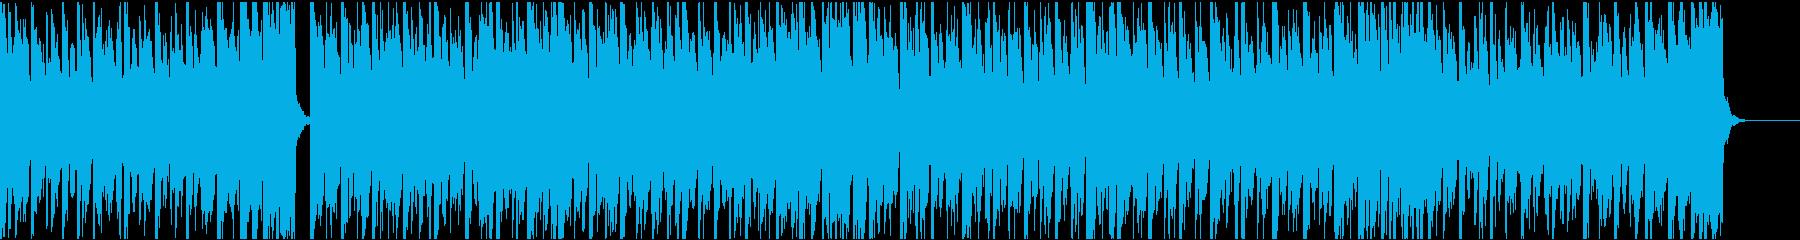 13秒でサビ、不安定、電子音ダークの再生済みの波形